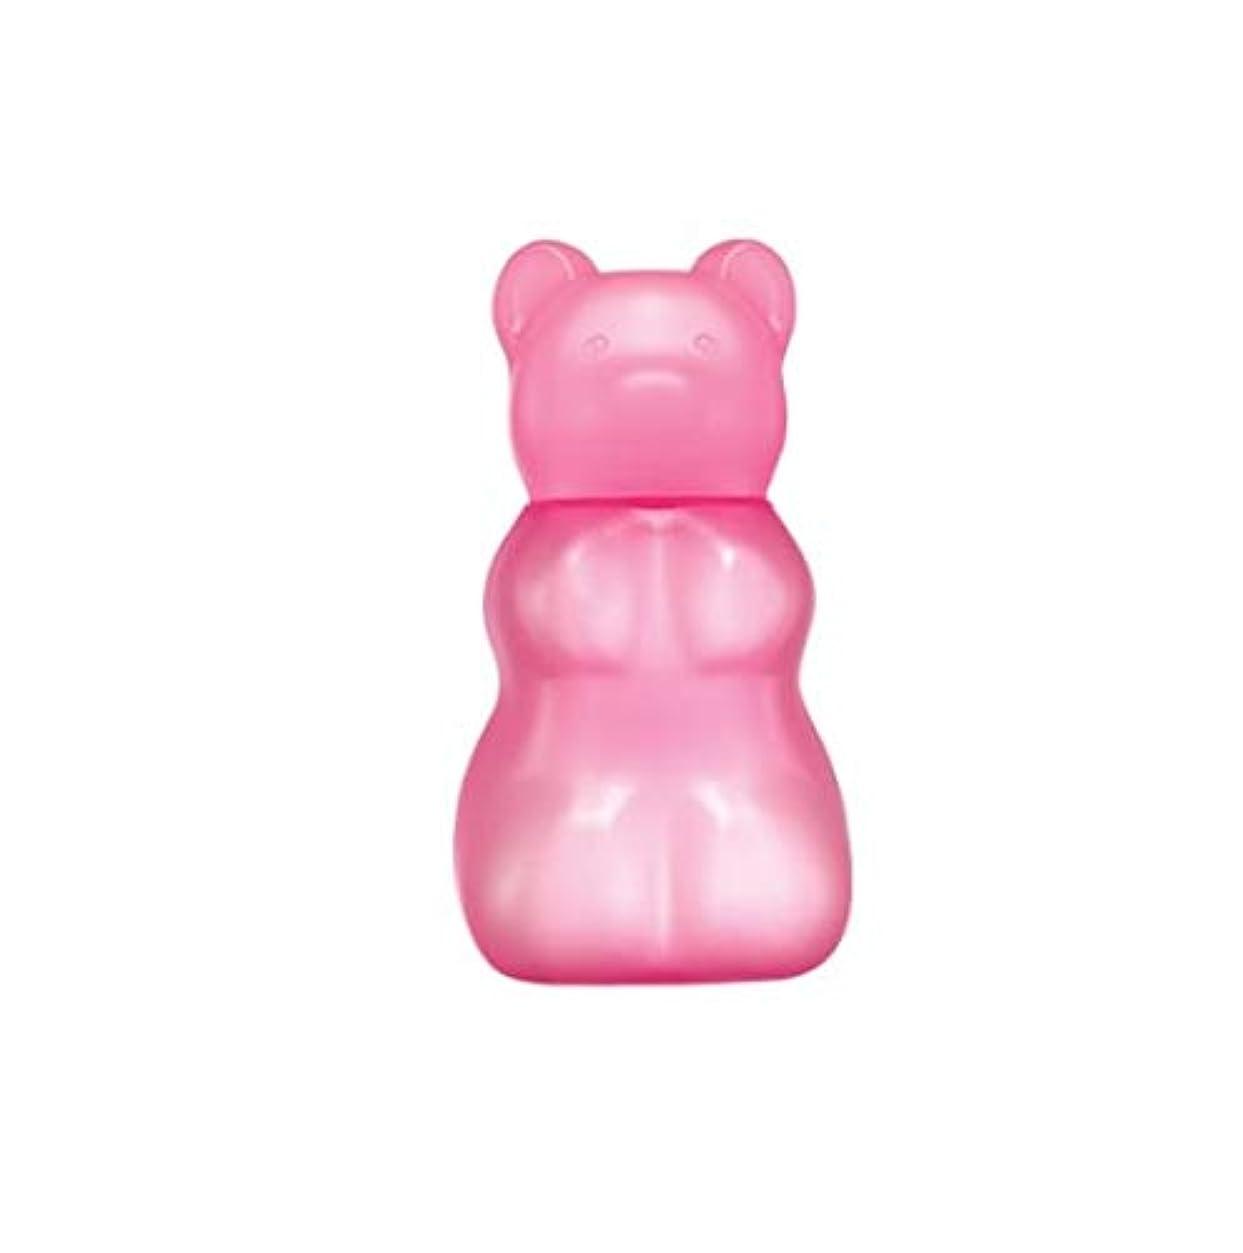 ギネス受け入れる煩わしいSkinfood グミベアゼリークリーンジェル(アップル)#ラズベリー(ハンドジェル) / Gummy Bear Jelly Clean Gel (Apple) #Raspberry (Handgel) 45ml [並行輸入品]